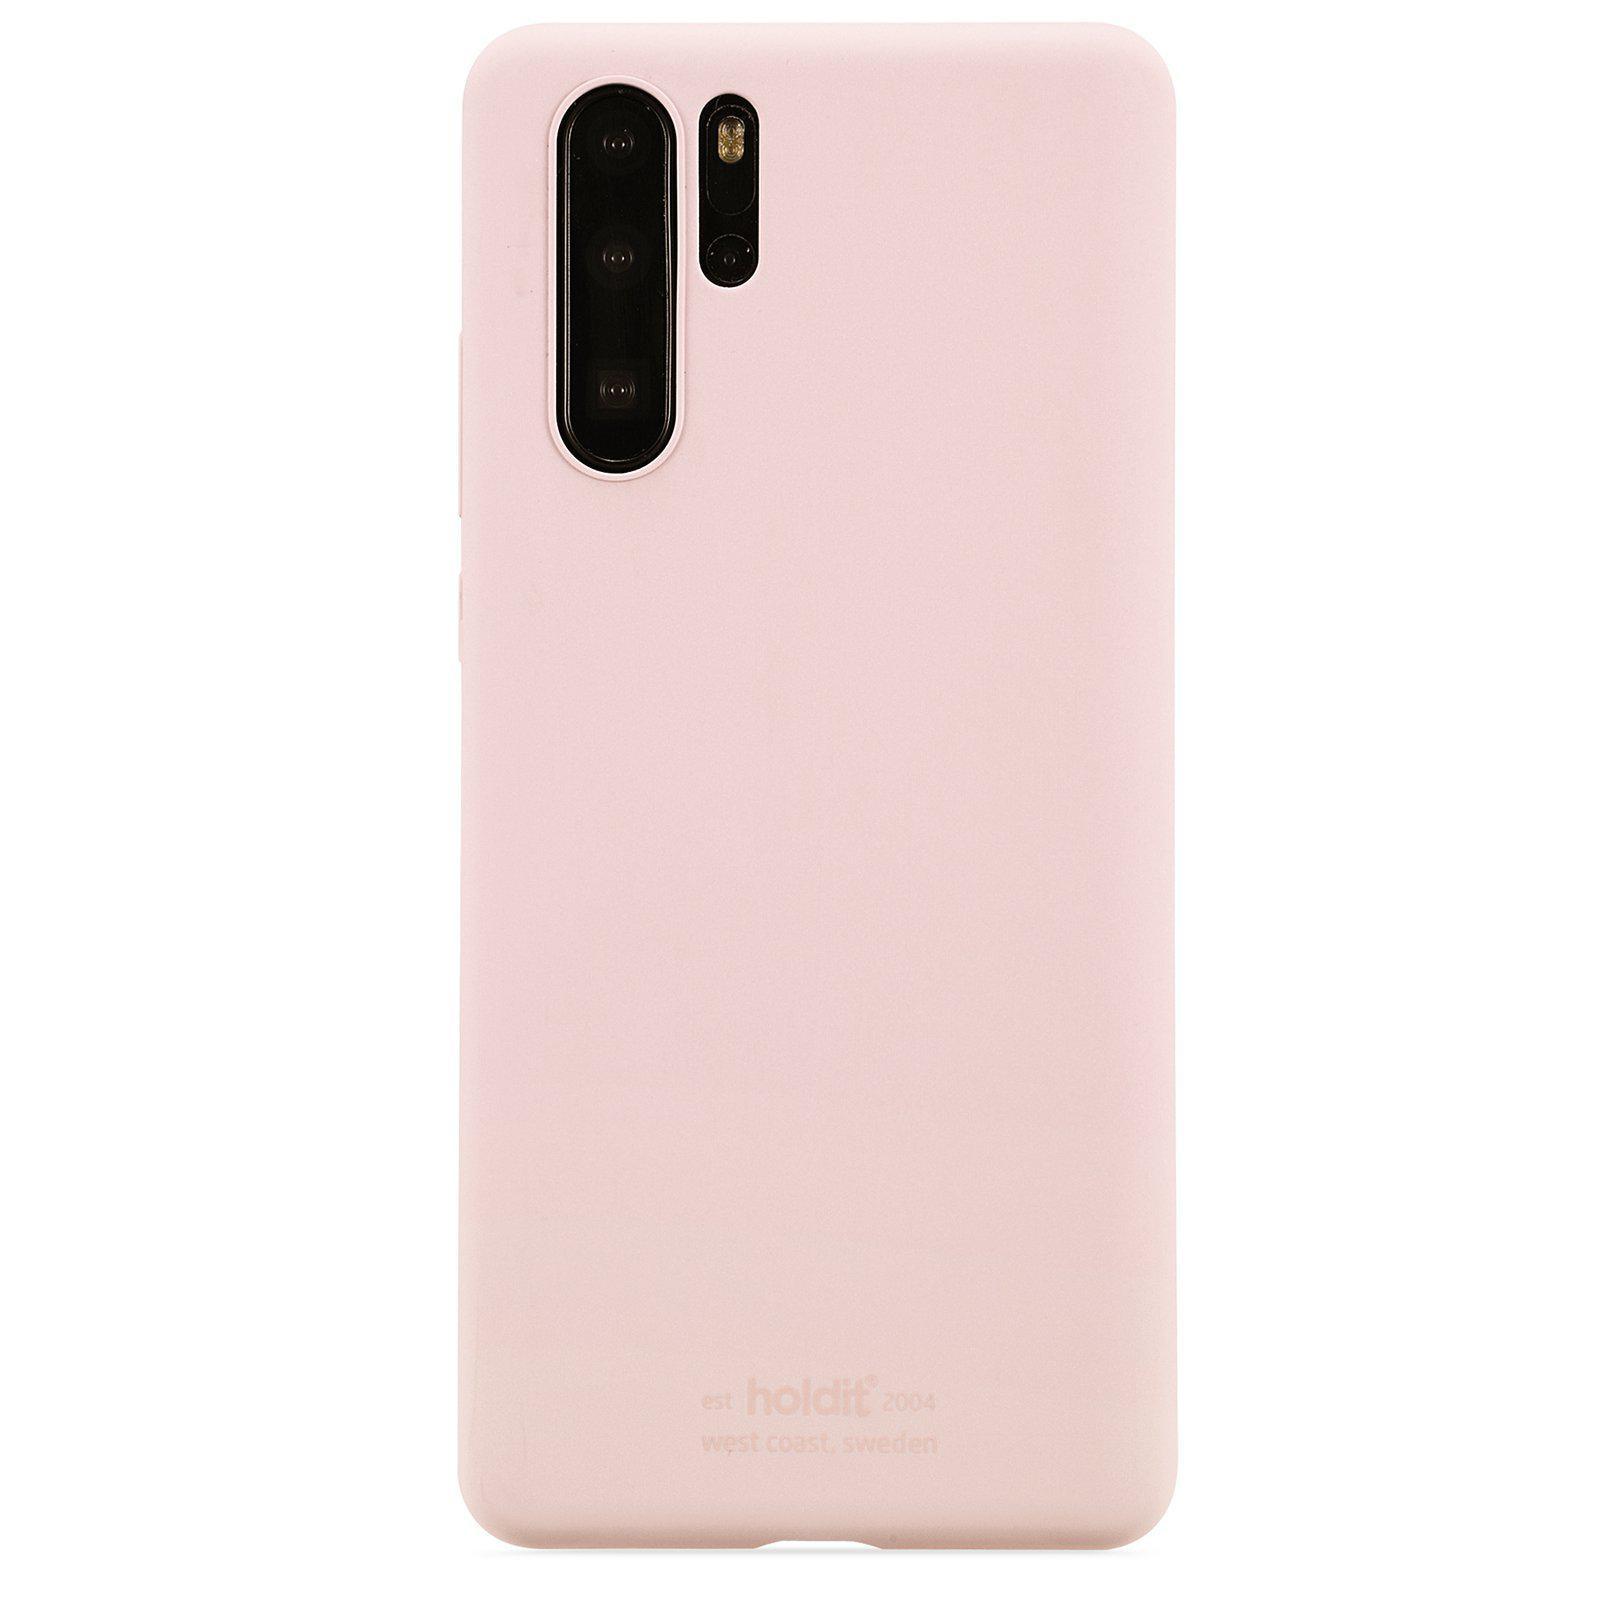 Silikonskal Huawei P30 Pro Blush Pink